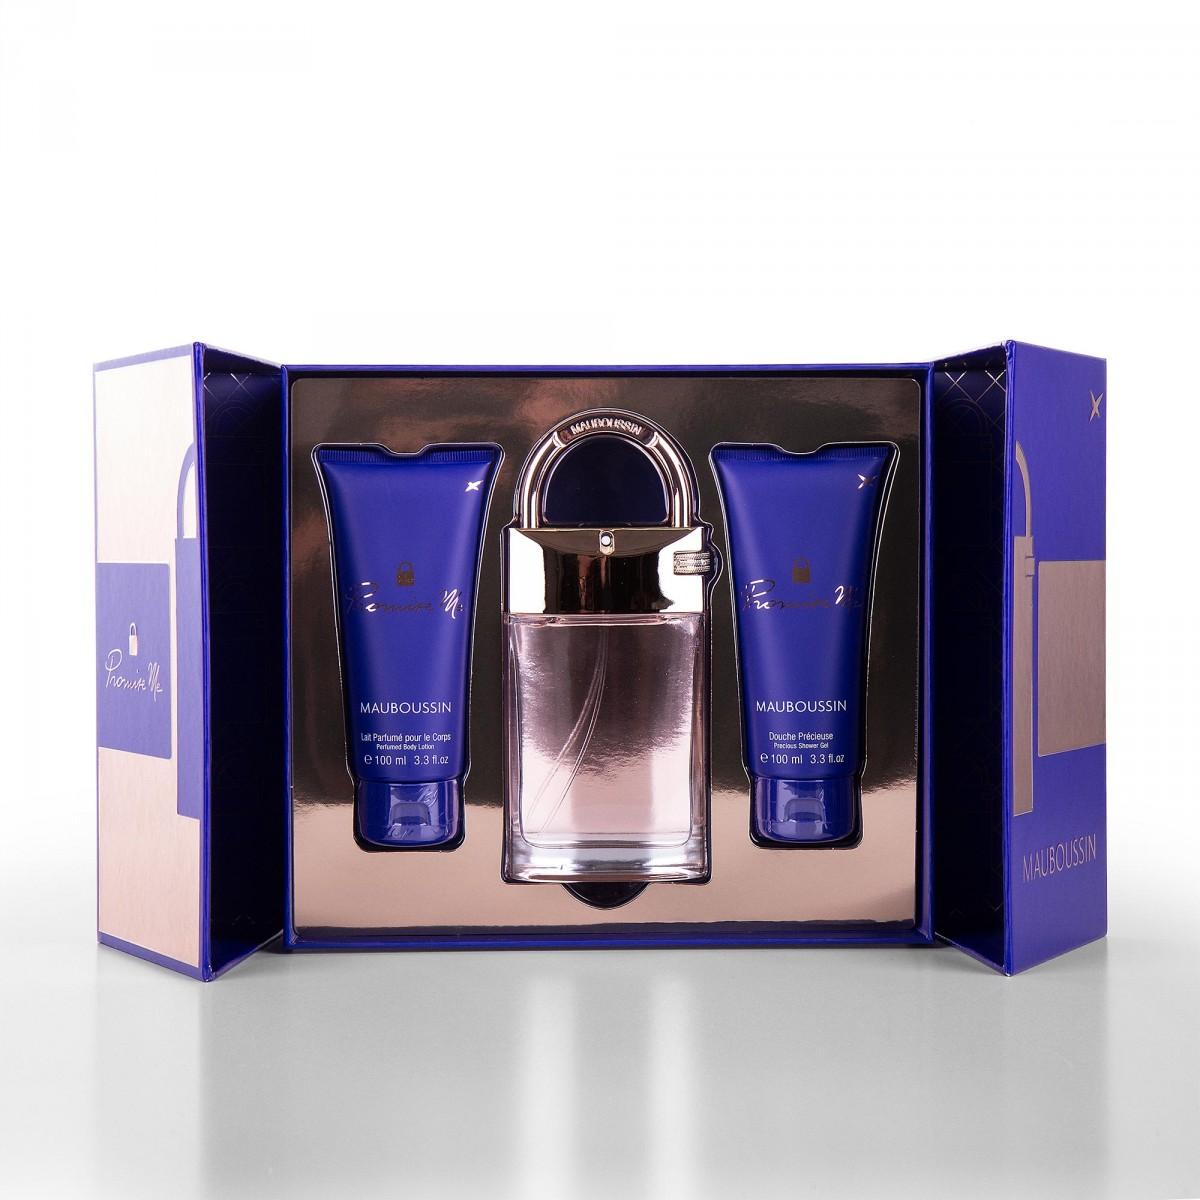 coffret parfum eau de parfum 90 ml douche pr cieuse 100 ml lait. Black Bedroom Furniture Sets. Home Design Ideas